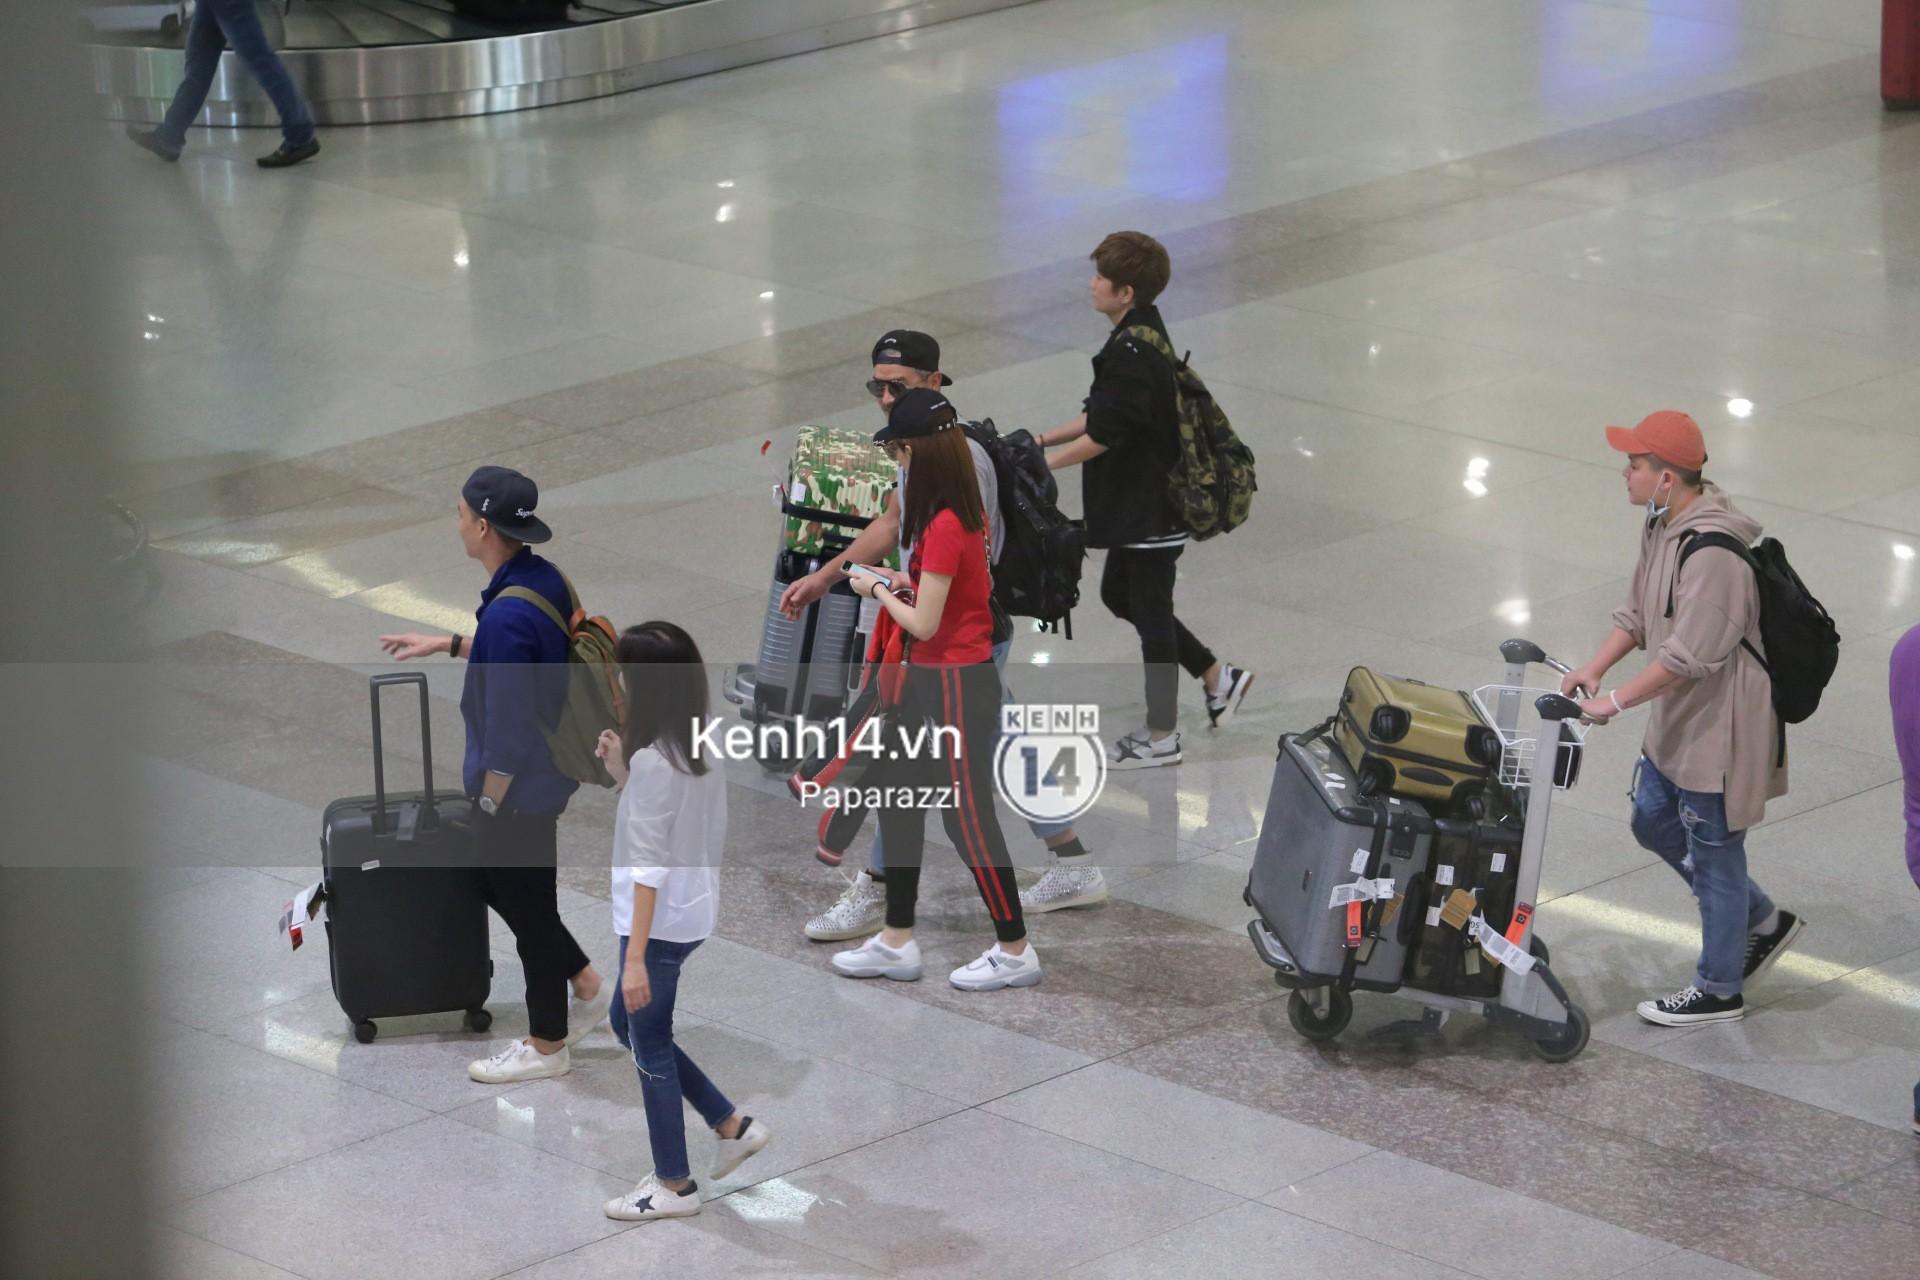 Vợ chồng Phạm Văn Phương - Lý Minh Thuận tay trong tay xuất hiện tại sân bay Tân Sơn Nhất 3